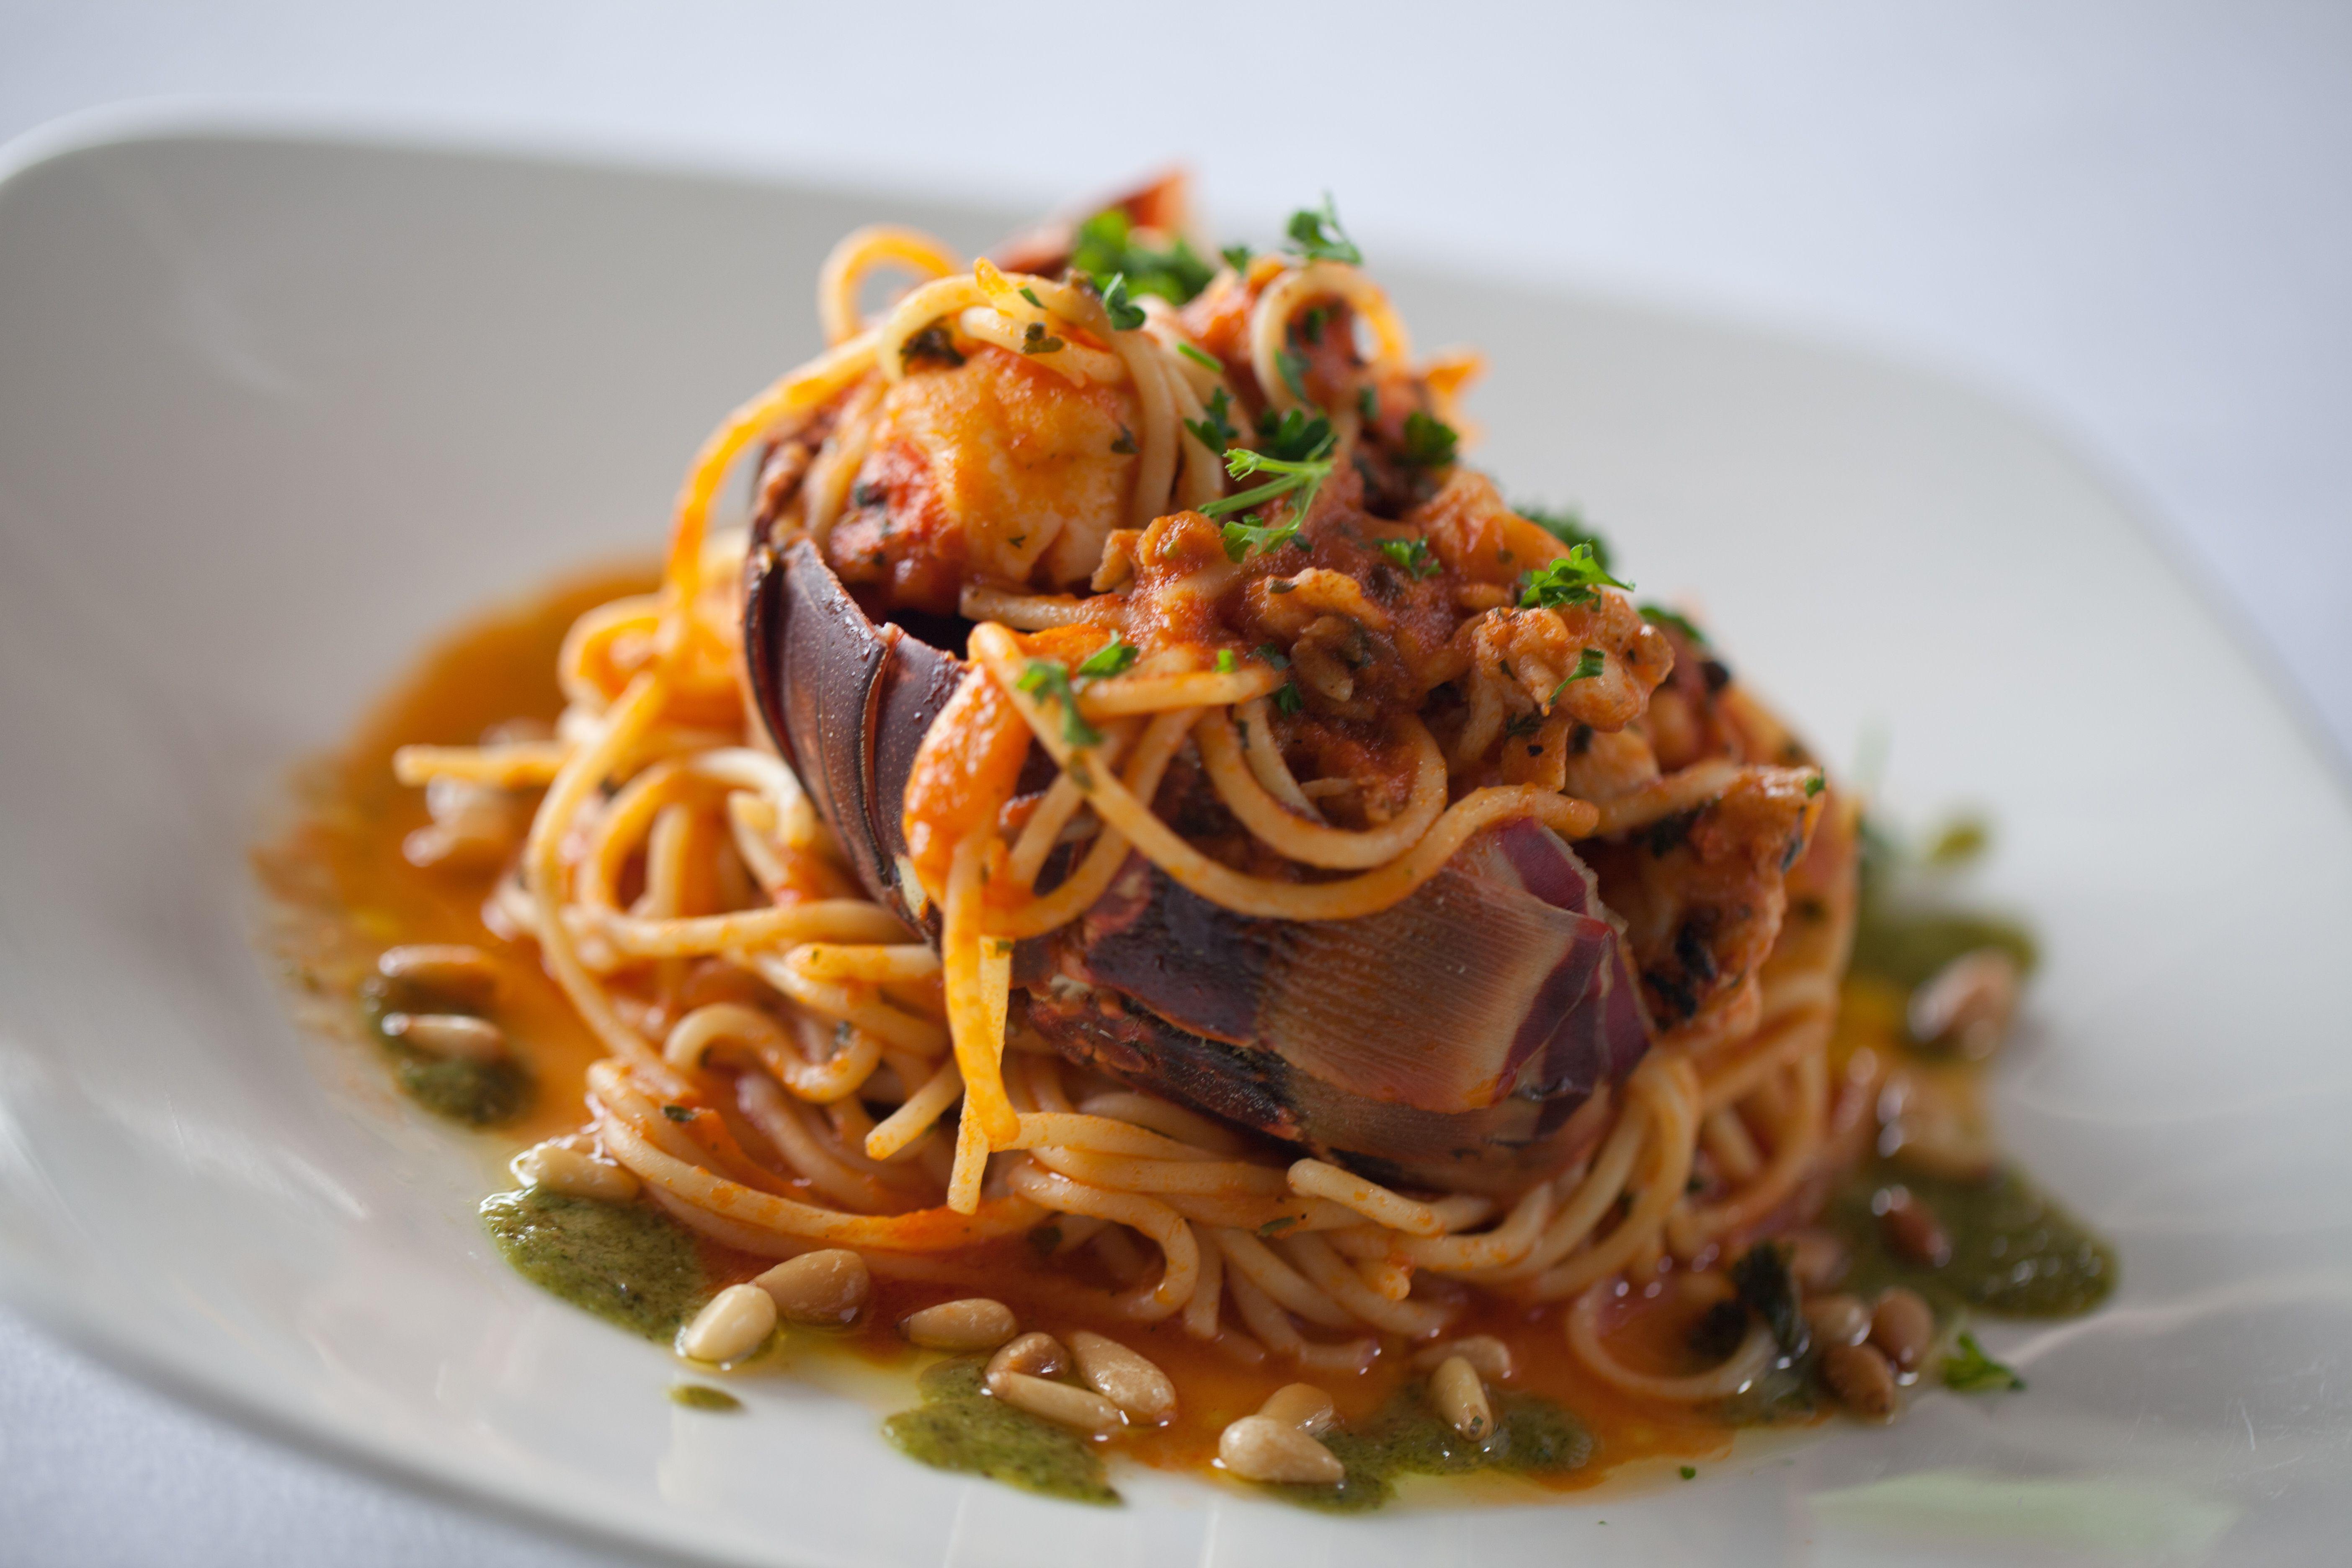 Pasta dish at Daphne's